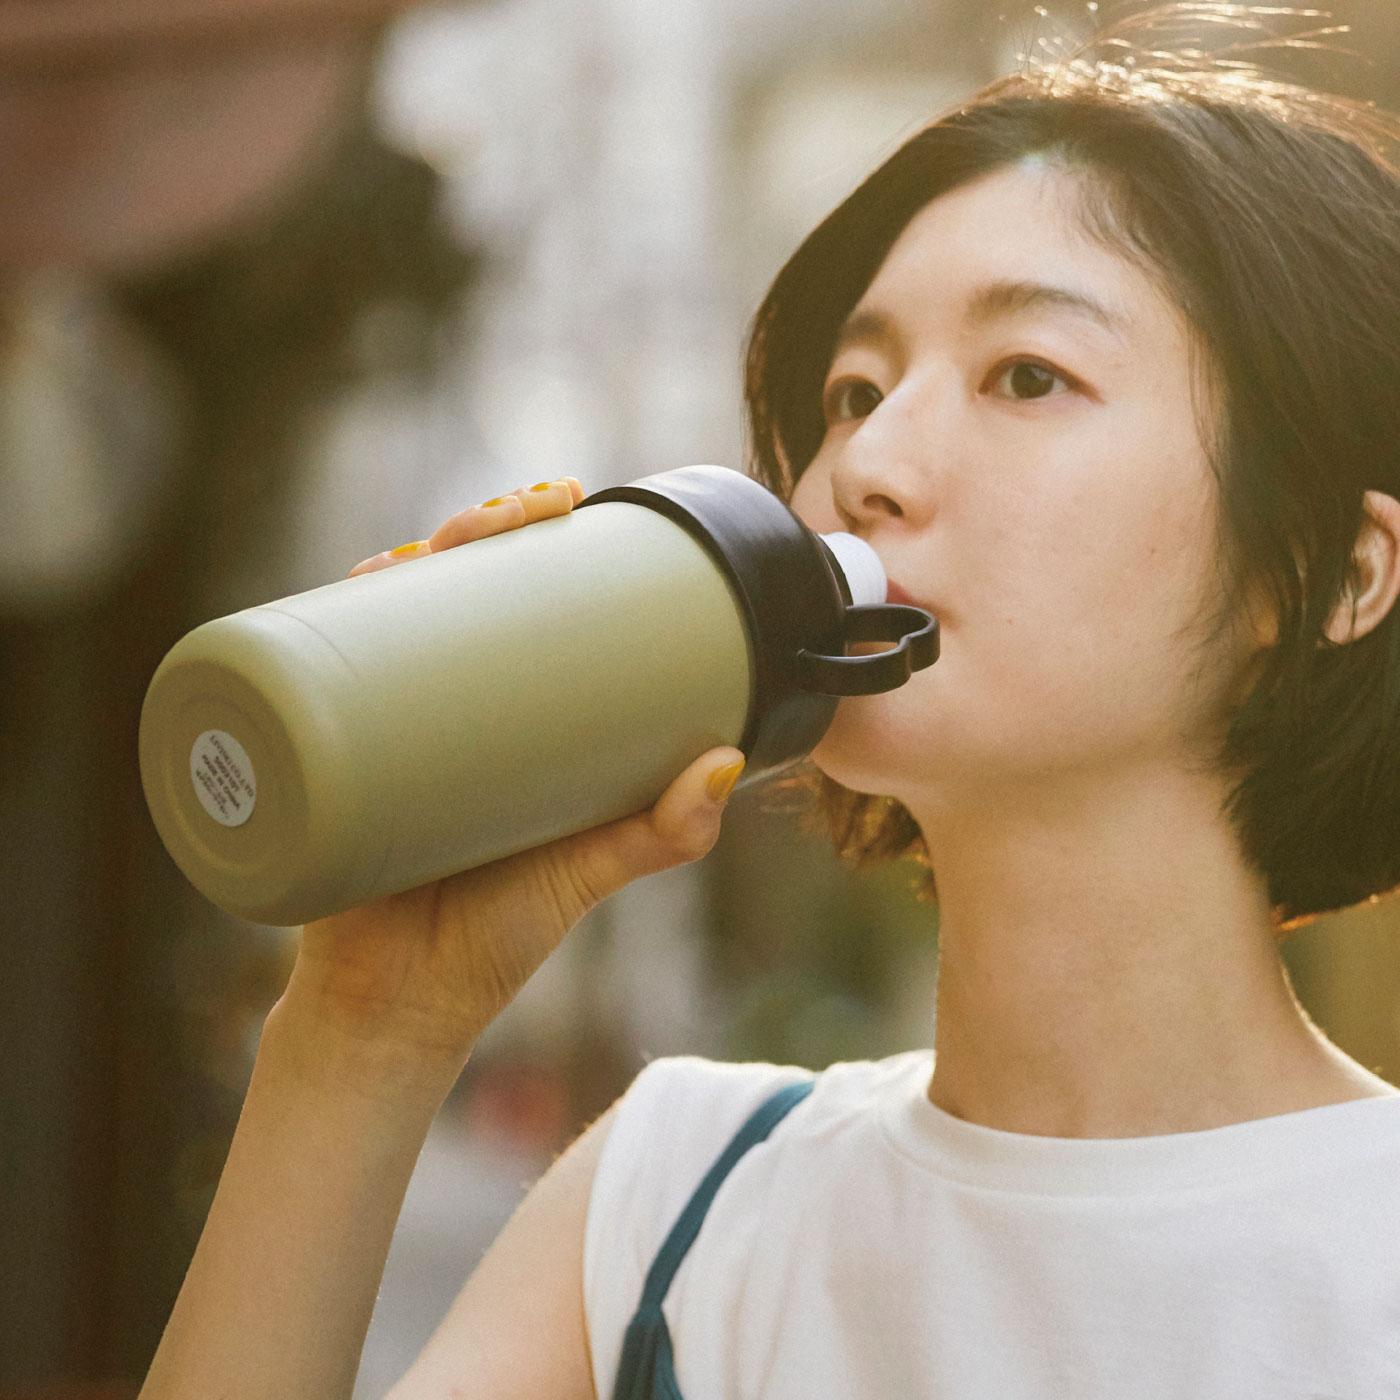 Kraso[クラソ] |まるごと入れてクールに持ち歩き ニュアンス色がかわいい ペットボトルクーラーの会